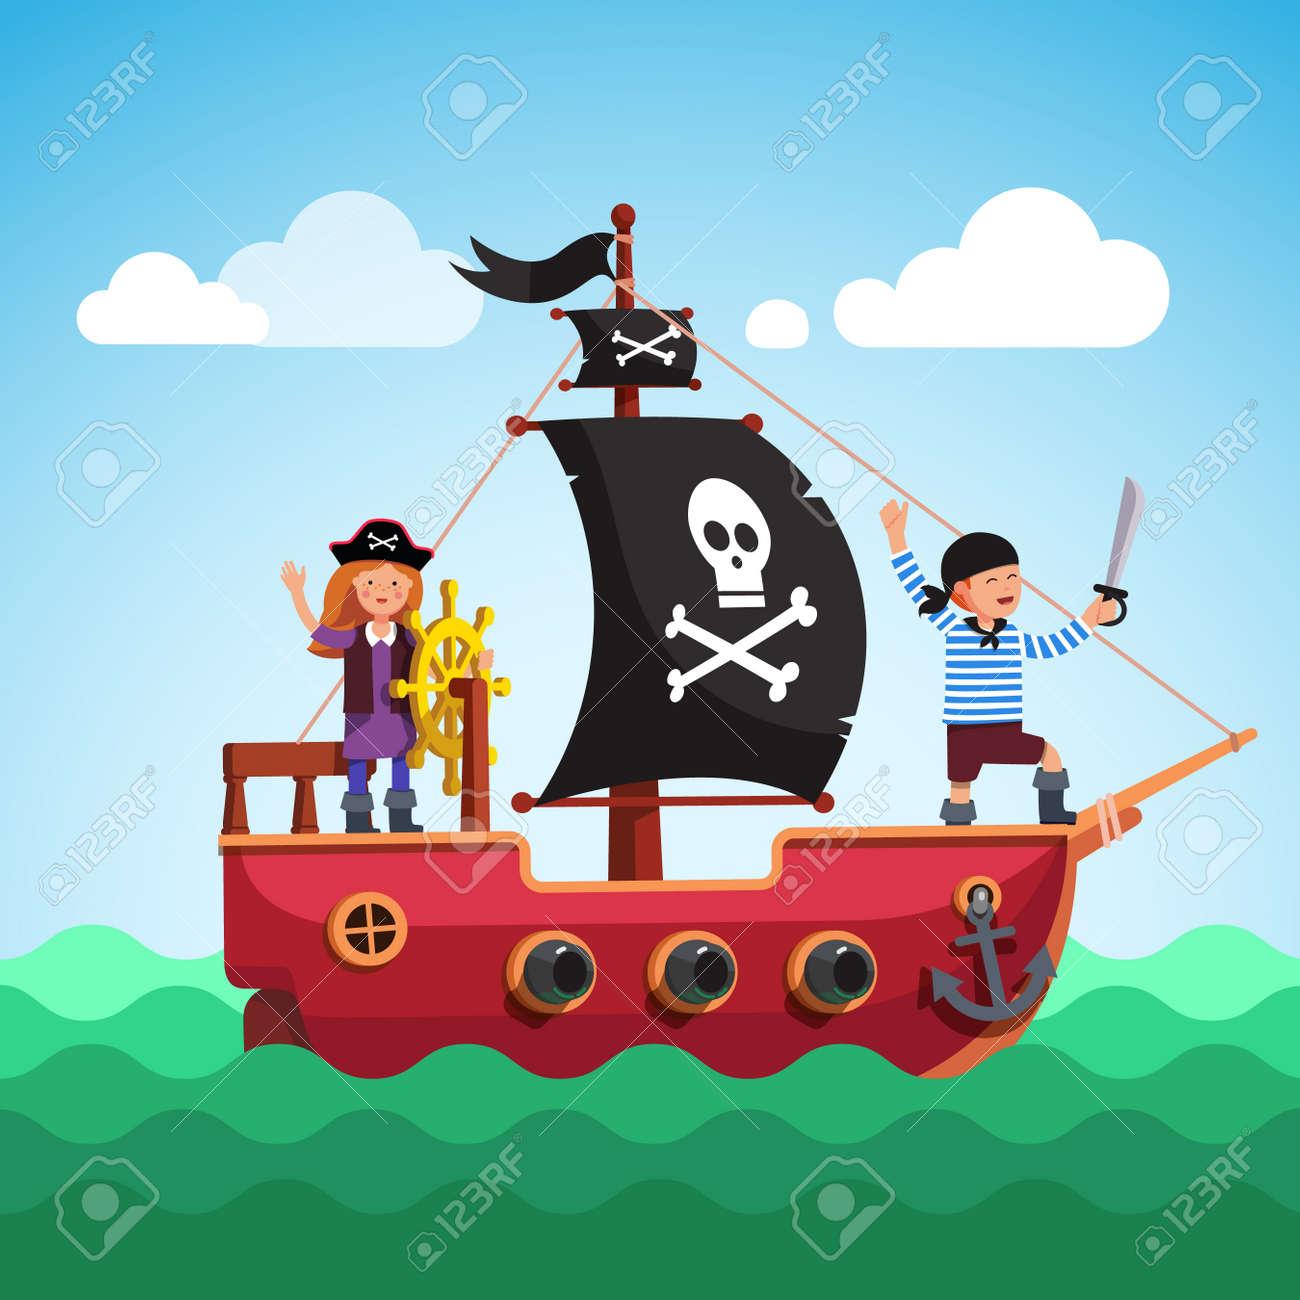 67654540-niños-barco-pirata -con-el-muchacho-y-el-capitán-chica-de-la-vela-del-timón-en-el-mar-negro-con-la-bandera-y-.jpg dca22b58189